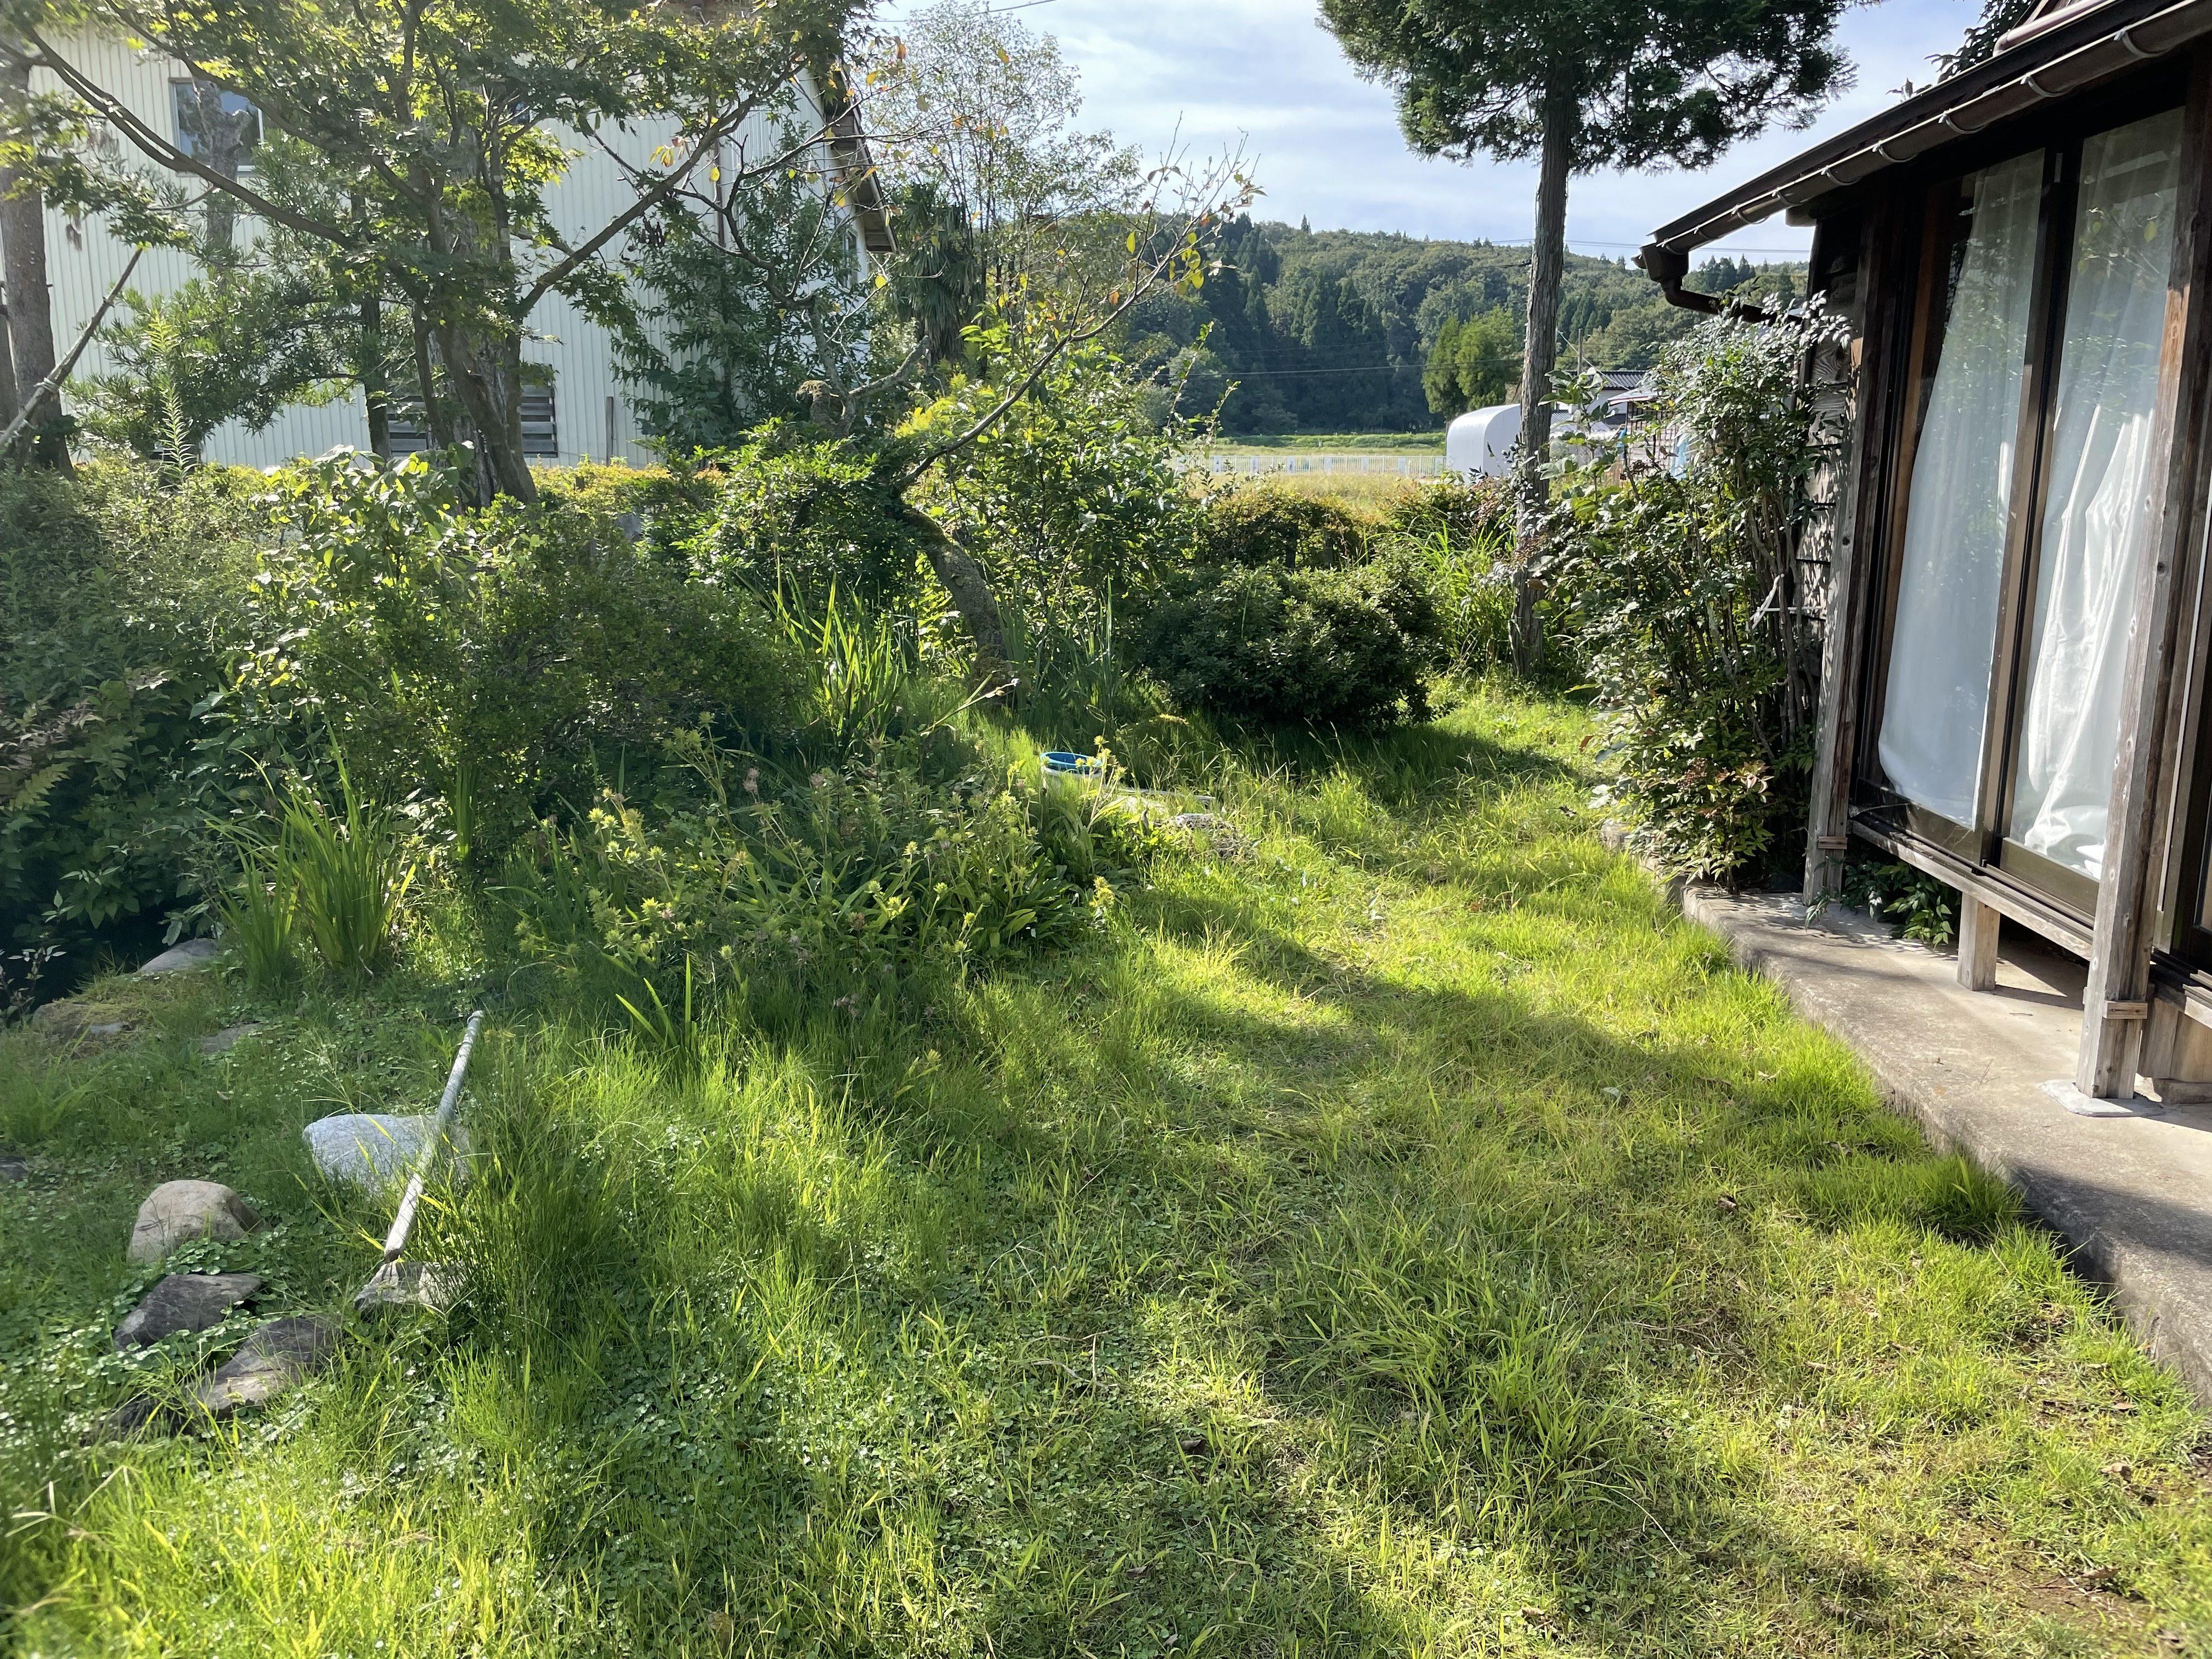 自宅周りの草取りのお手伝いをお願いします。